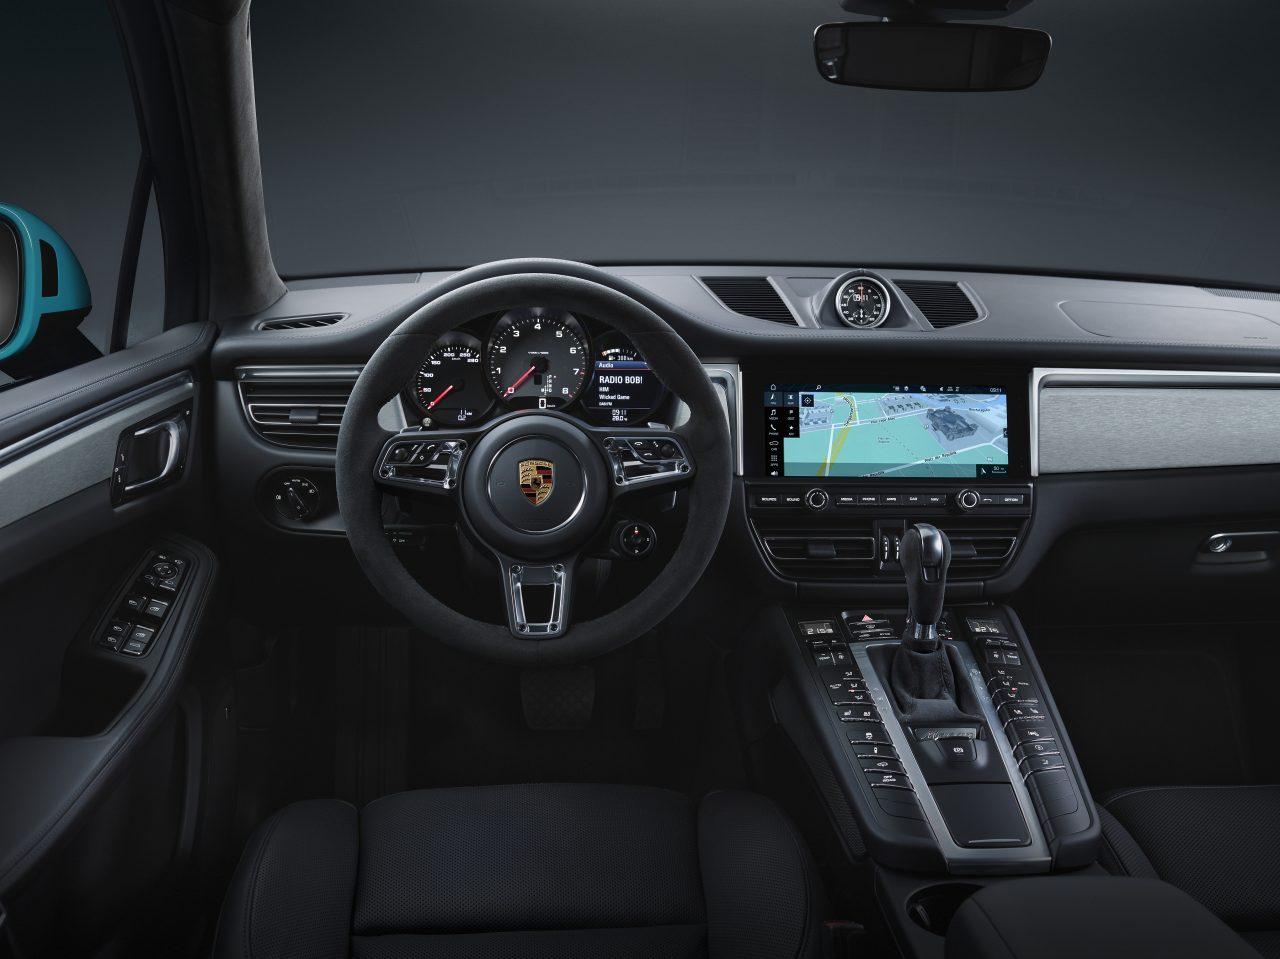 2019 Porsche Macan interior photo